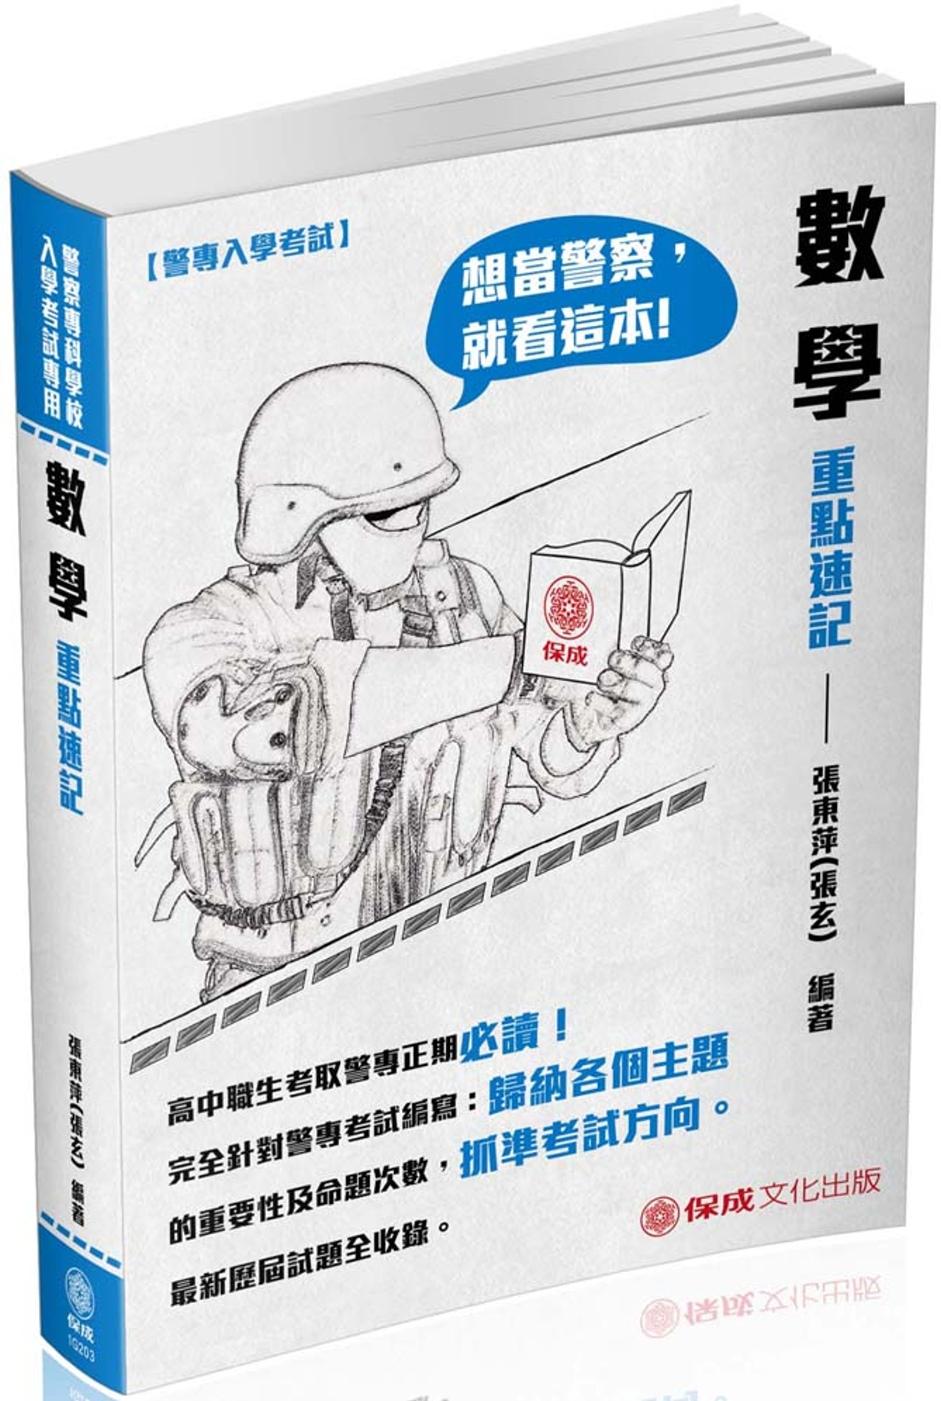 警專入學考試-數學重點速記<保成>四版